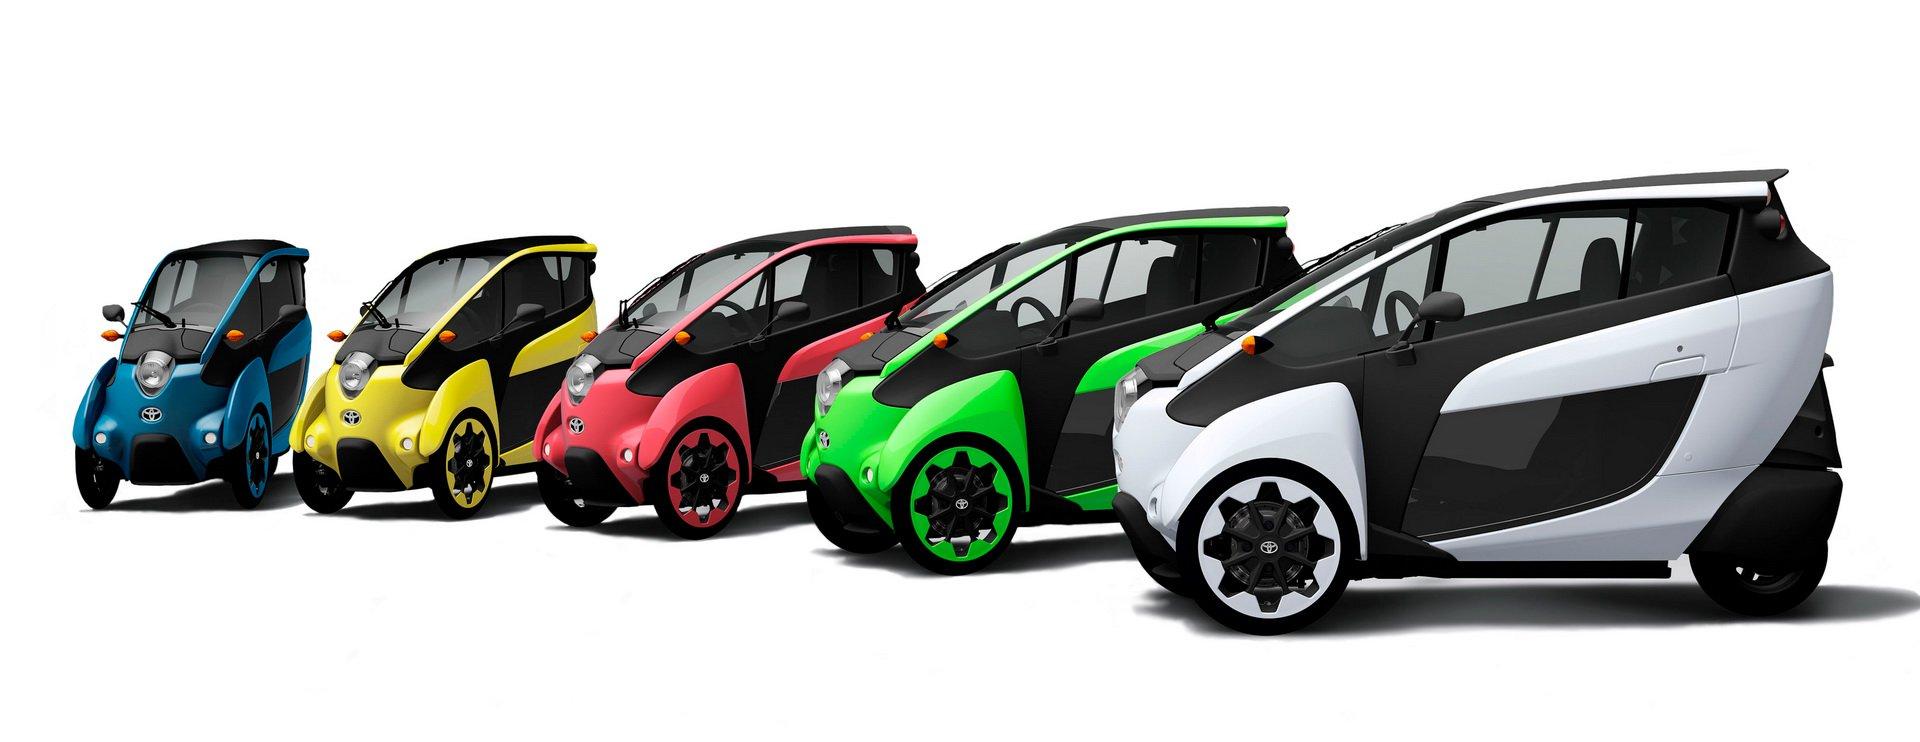 Toyota Tokyo 2020 (5)